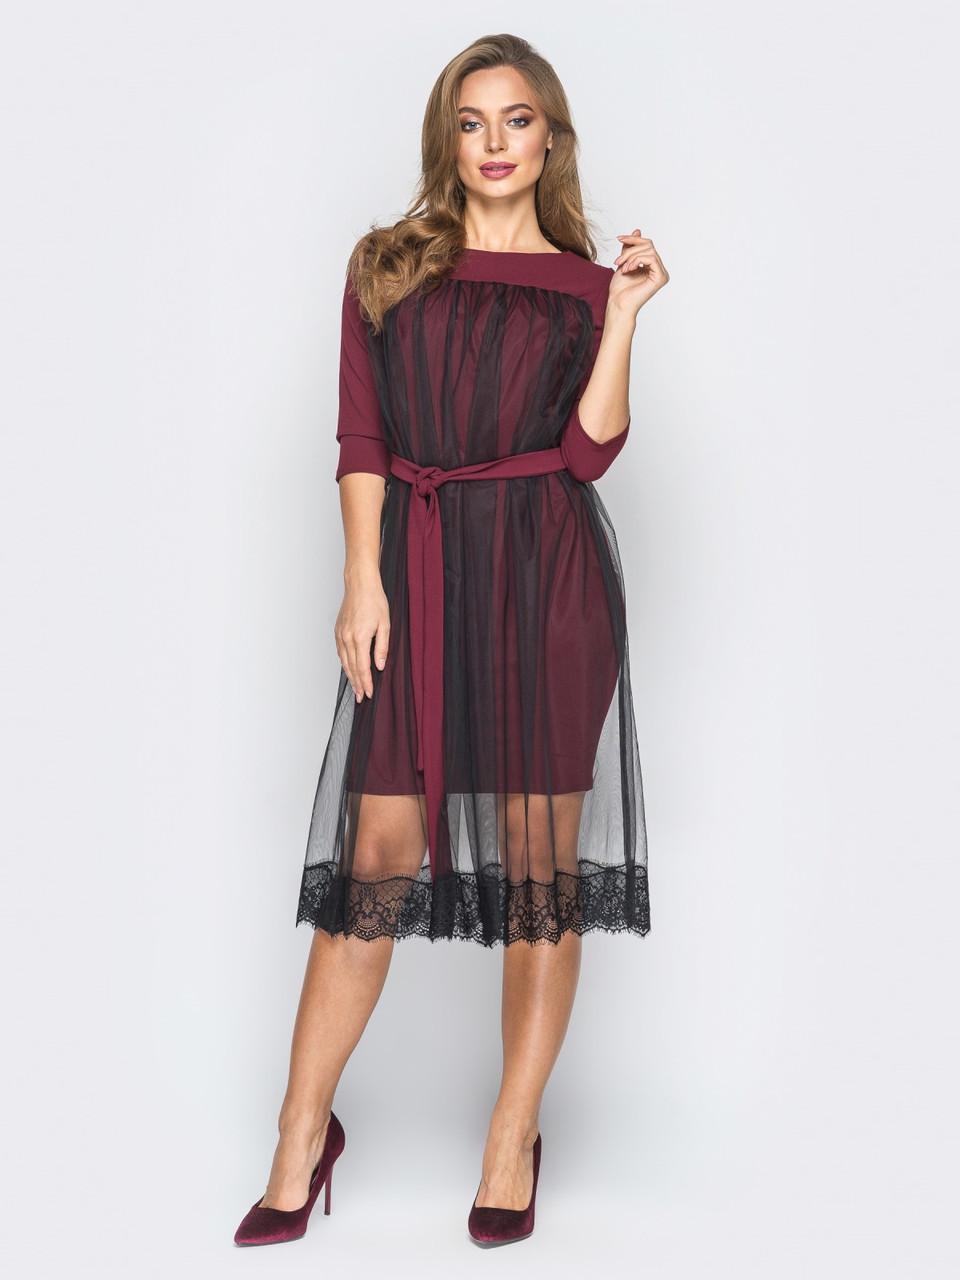 a573742d11f 🎈Воздушное бордовое платье прямого кроя с поясом (с фатином ...